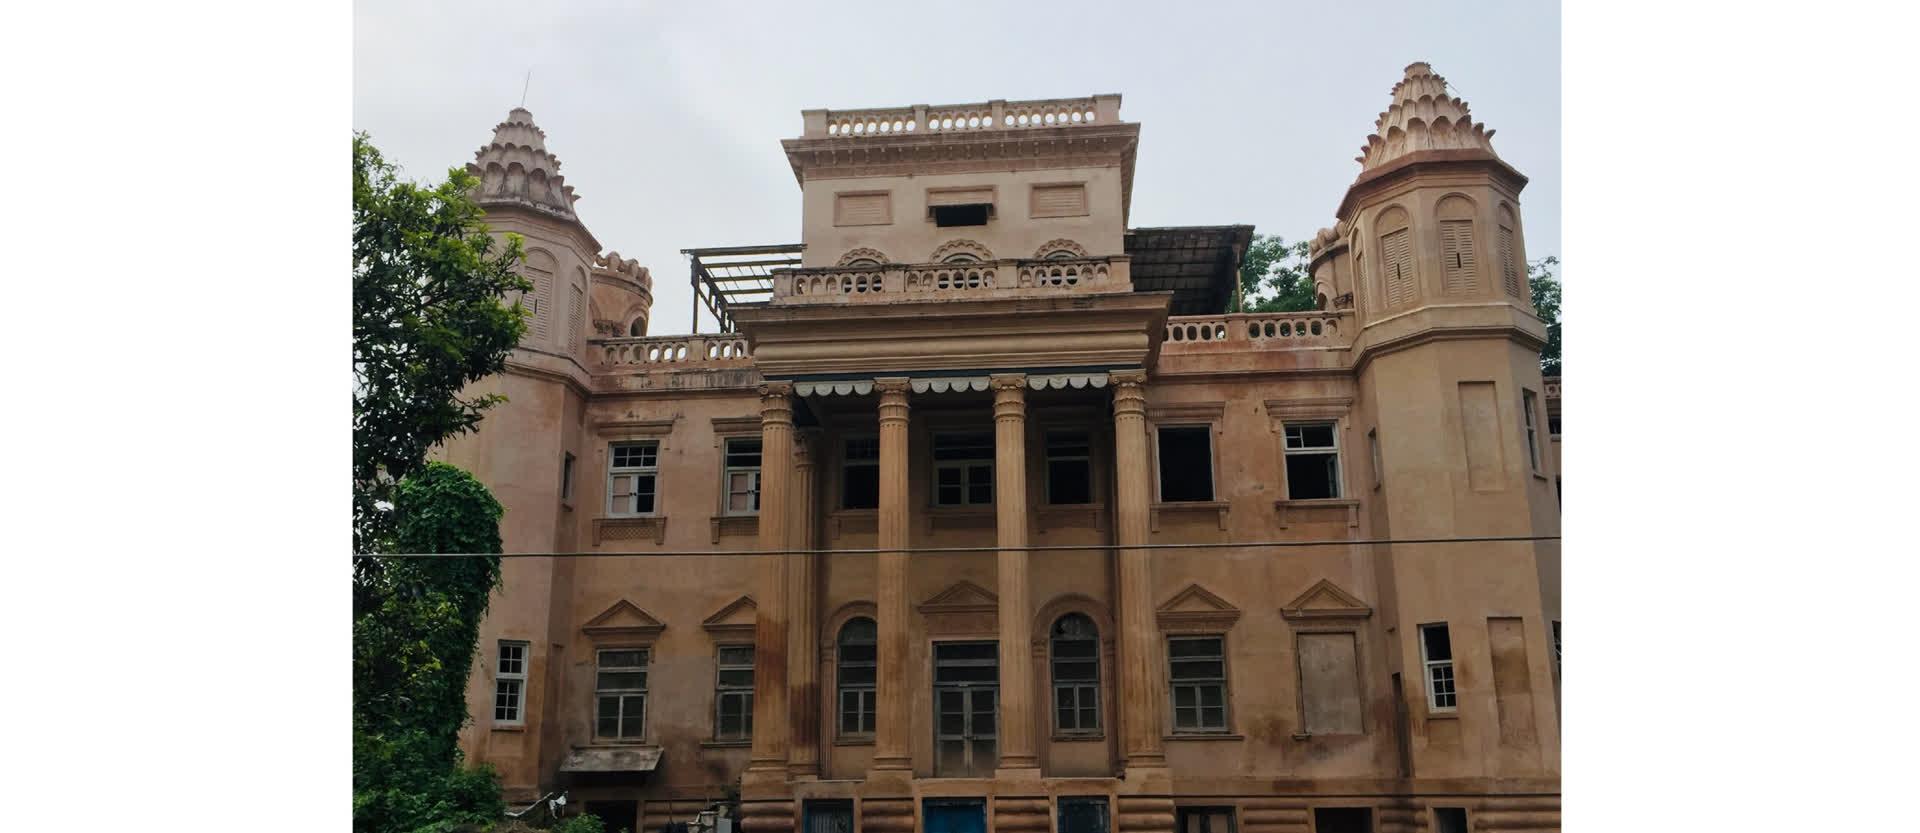 दर्शन विलास कोठी- अवधी और फ्रांसीसी वास्तुकला का शानदार नमूना